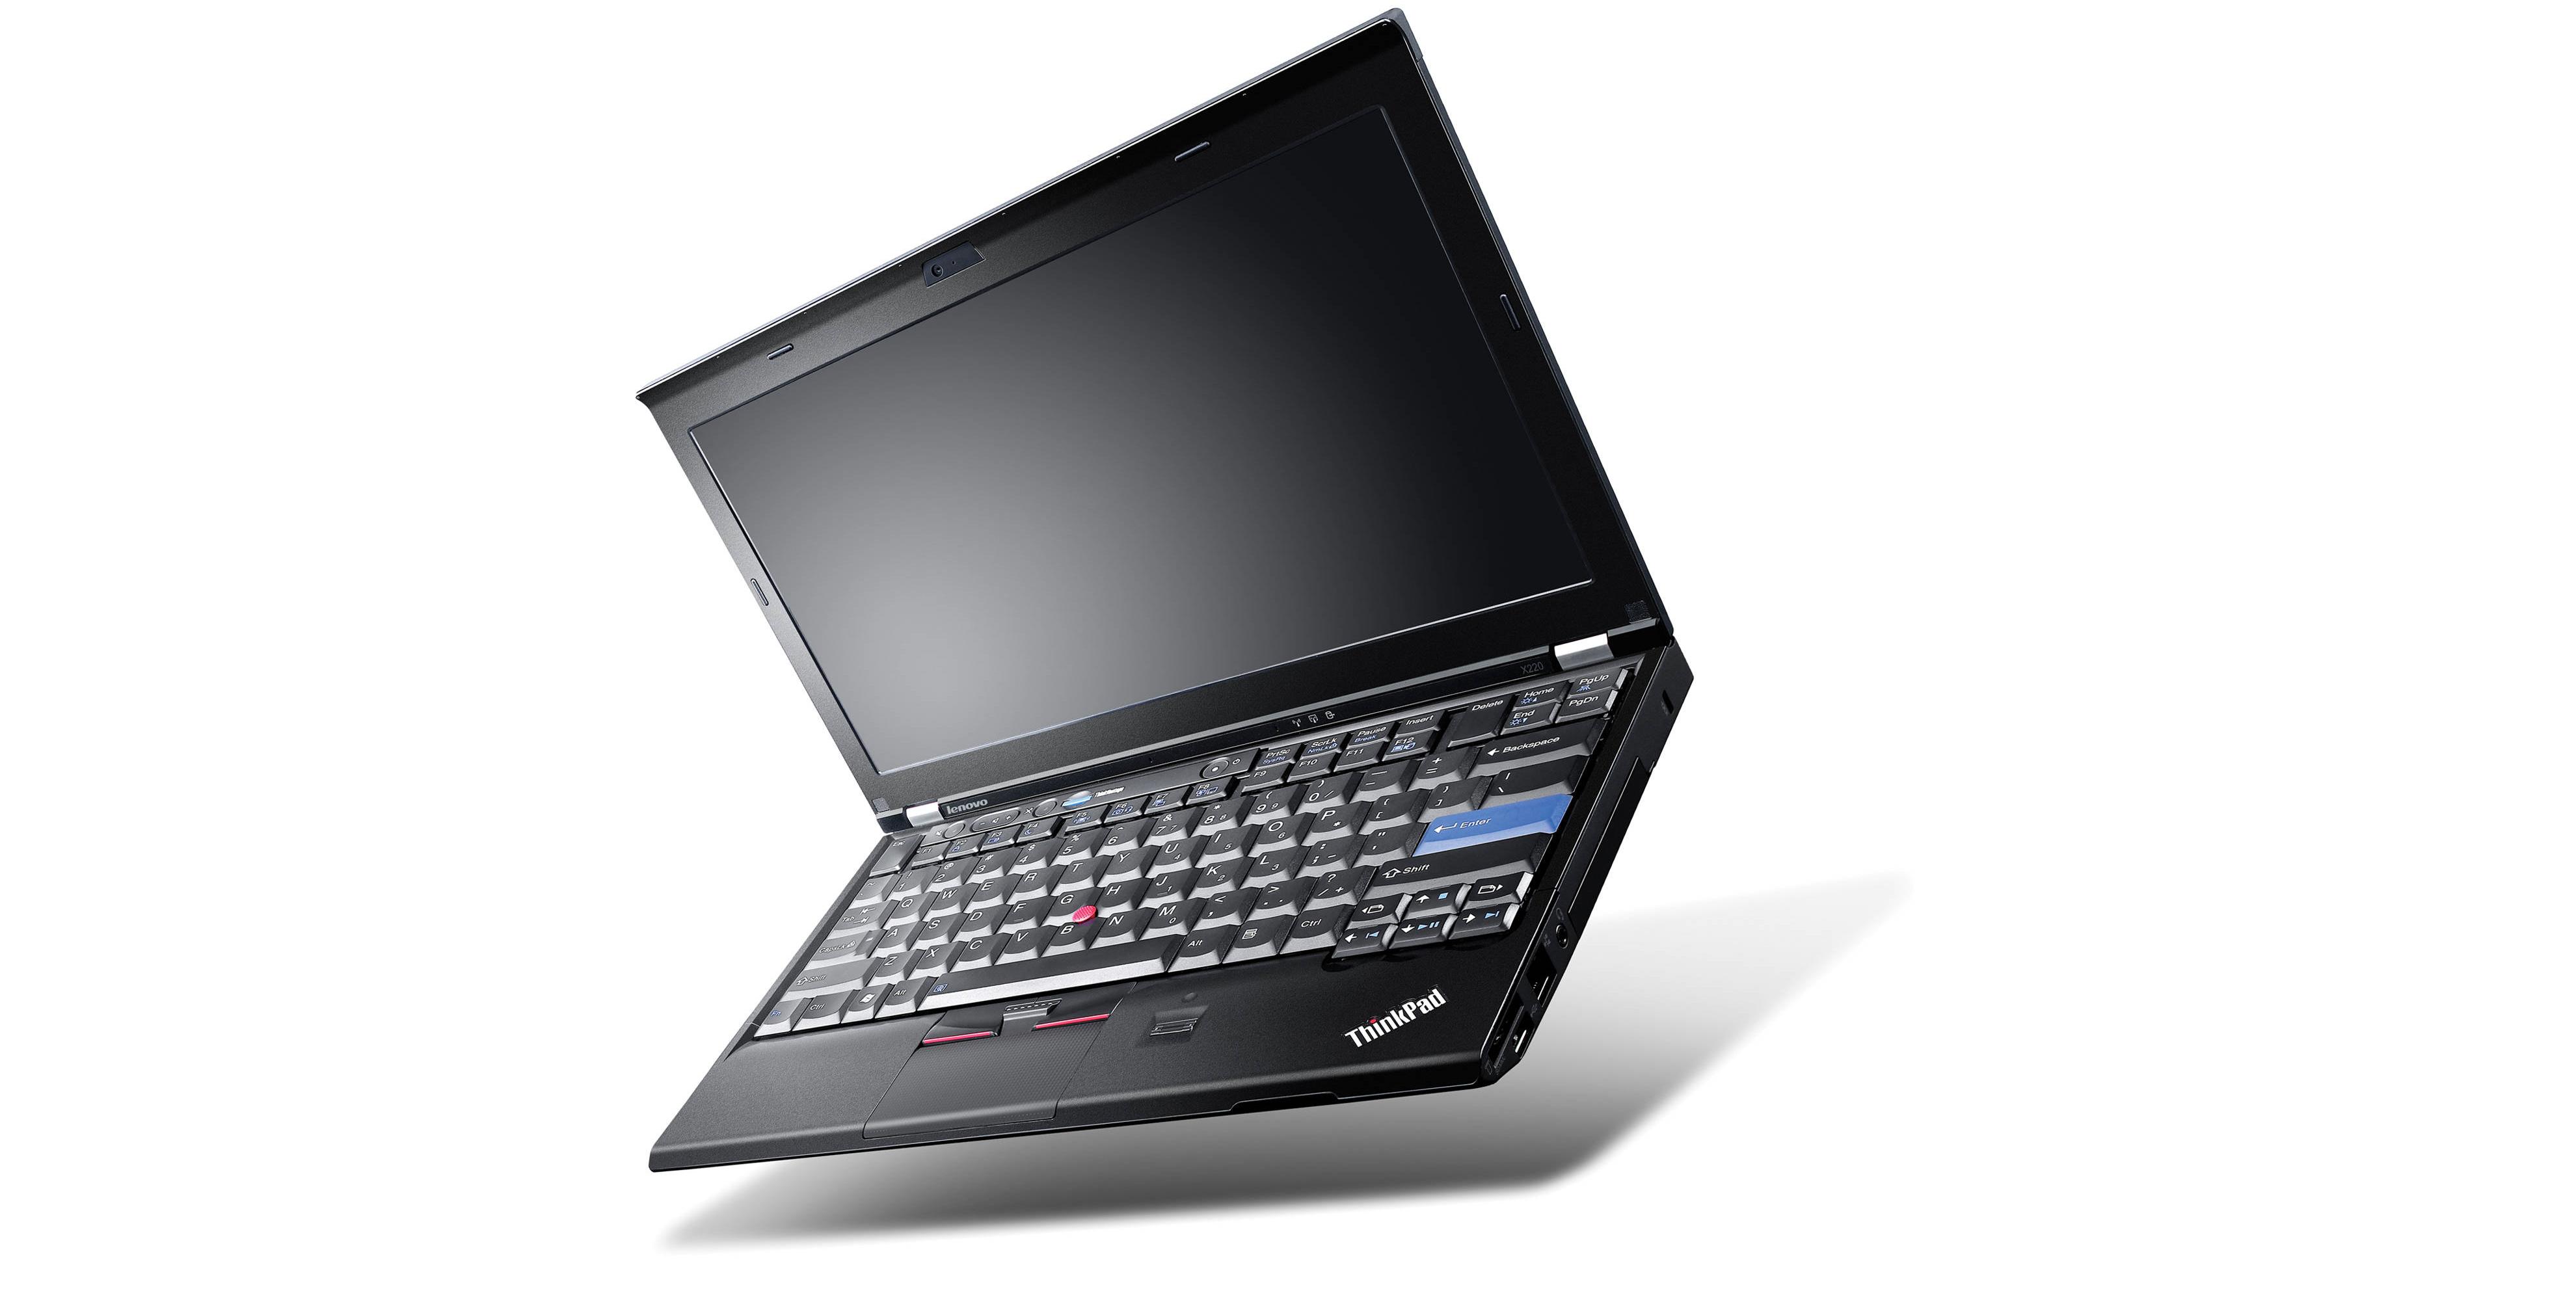 Lenovo x220: byyyrzyyydal. Ale ma w sobie